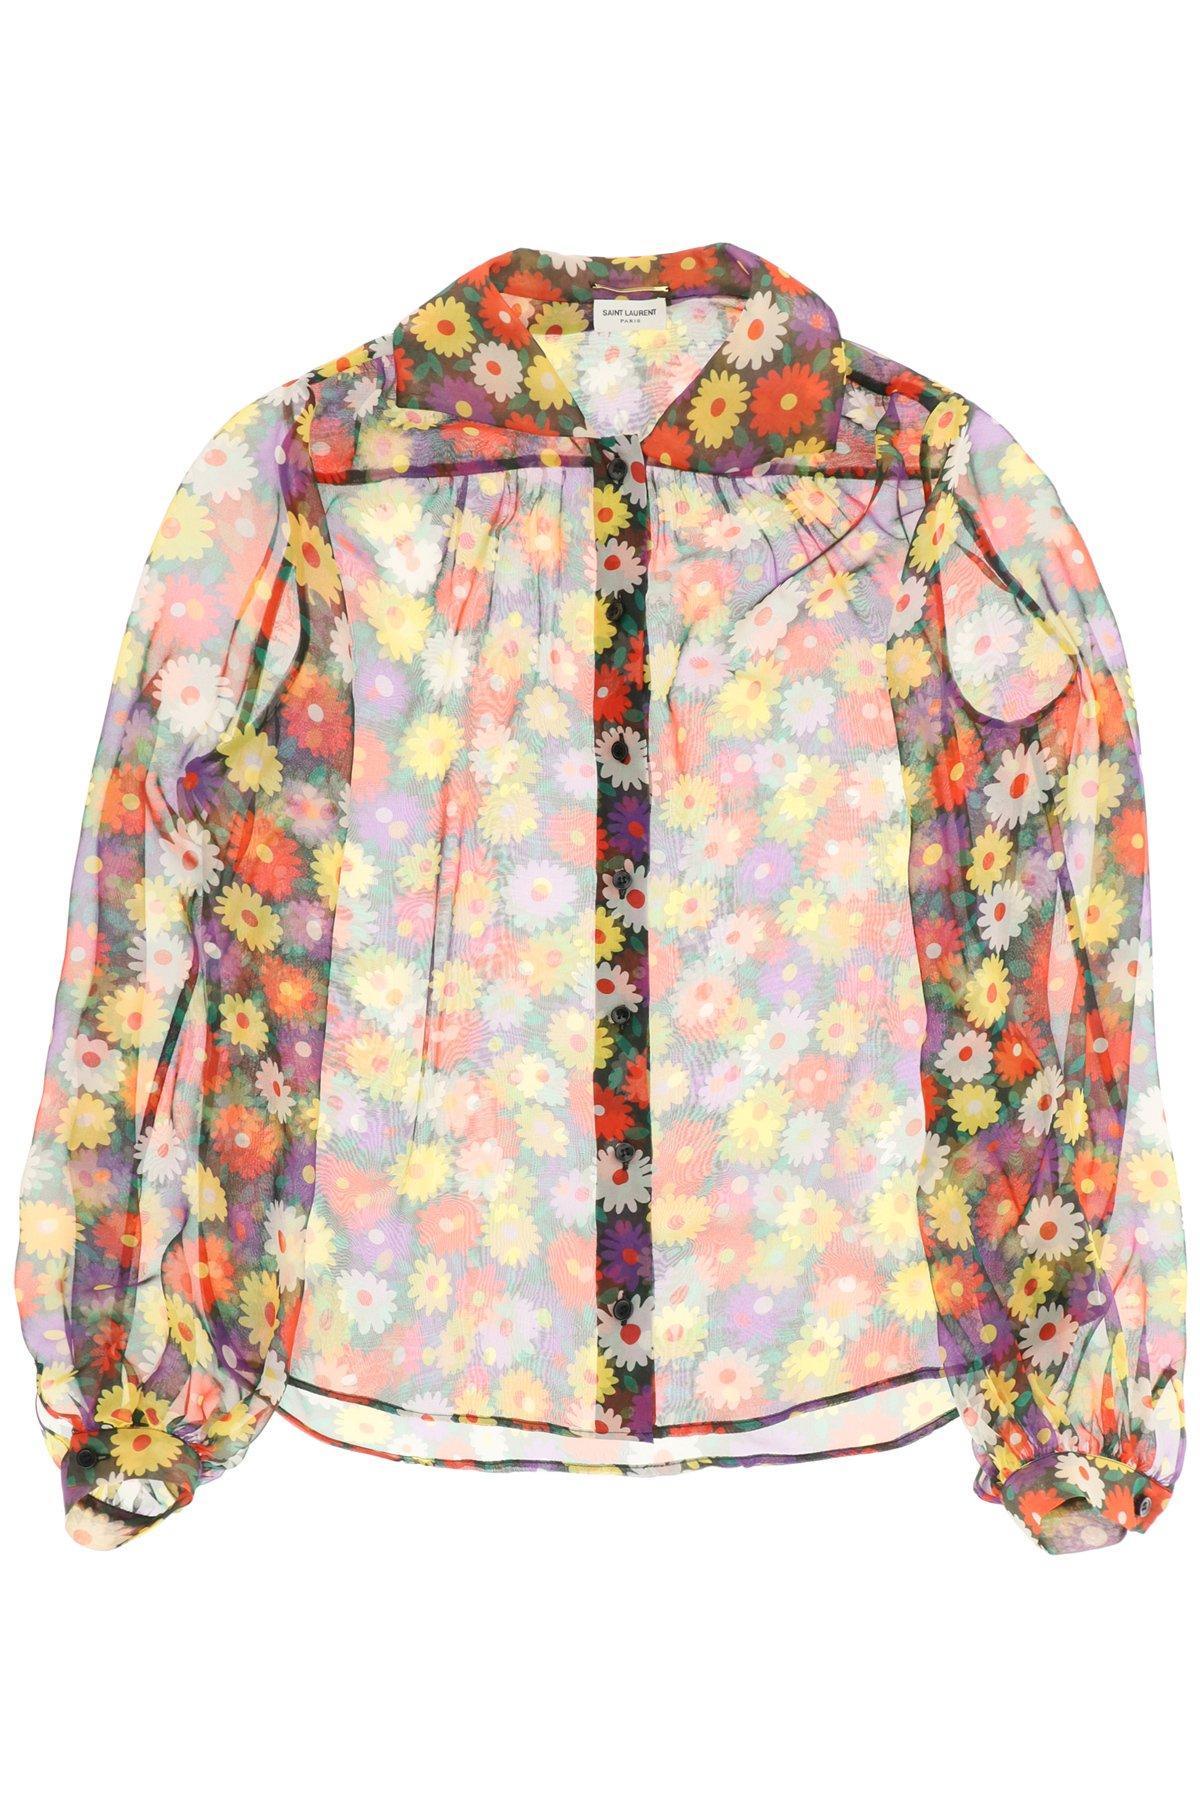 Saint laurent camicia in mousseline stampa fiori